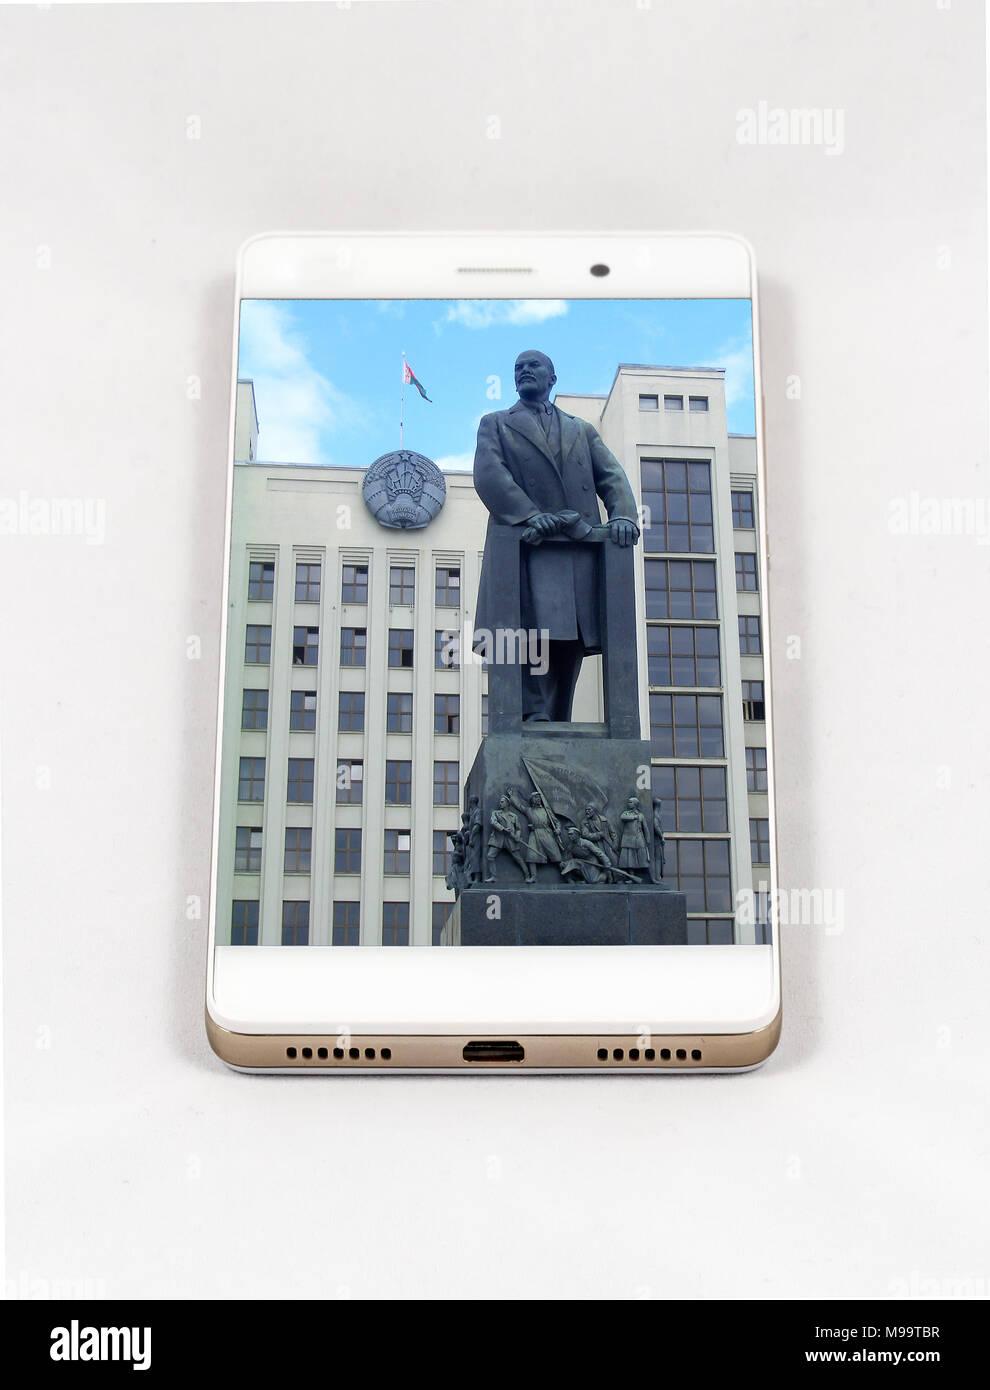 Moderne Smartphones Mit Großes Bild Von Das Lenin Denkmal In Minsk,  Belarus. Konzept Für Reisen Smartphone Fotografie. Alle Bilder In Diesem  Comp